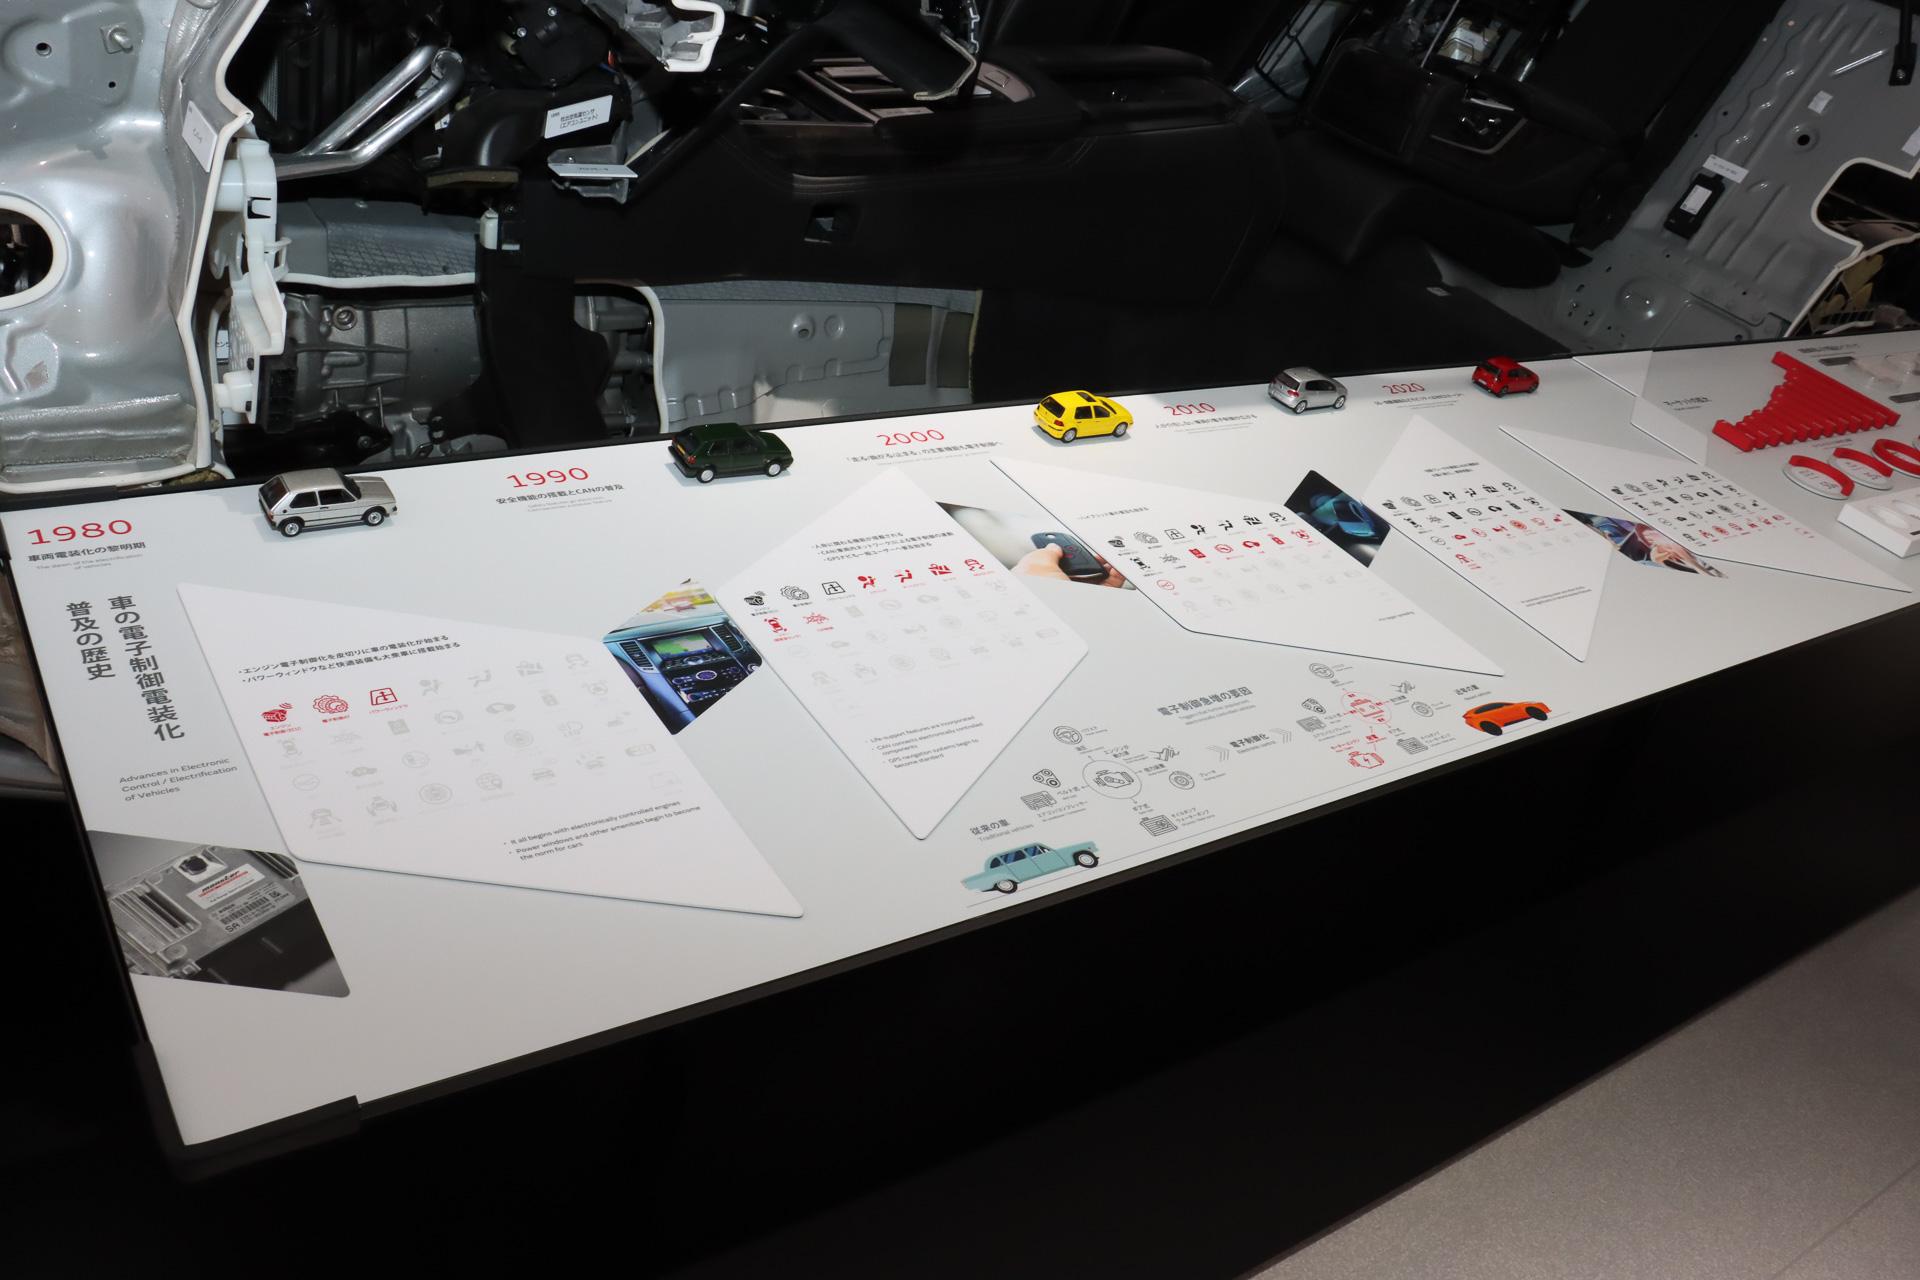 カットモデルの前でも、自動車の電子部品の歴史や村田製作所の車載向け製品ラインアップなどについて展示する